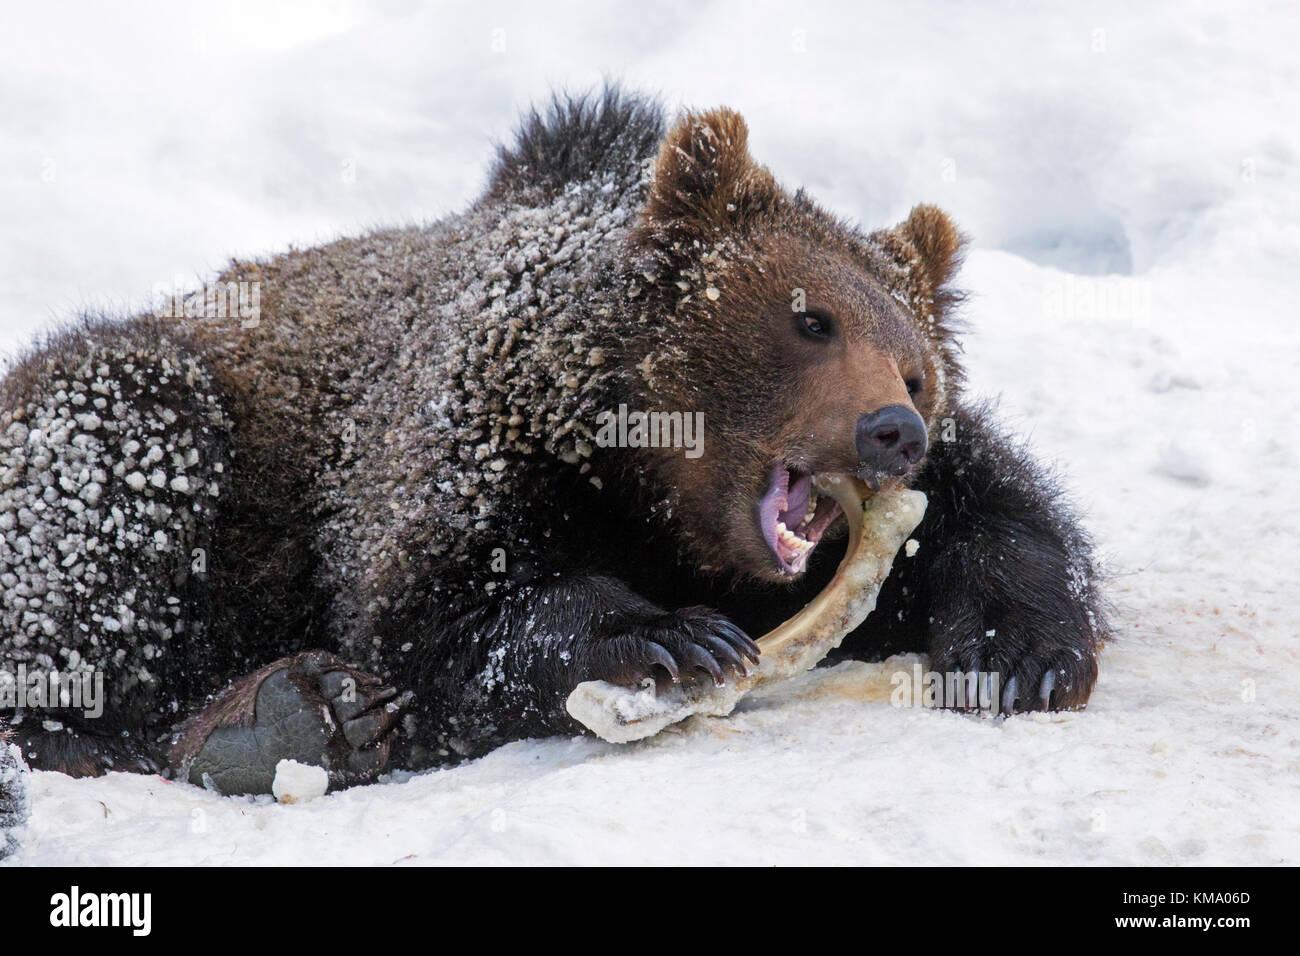 Ein Jahr alten braunen Bärchen (Ursus arctos arctos) nagen am Achsschenkel an Knochen im Schnee im Winter Stockbild